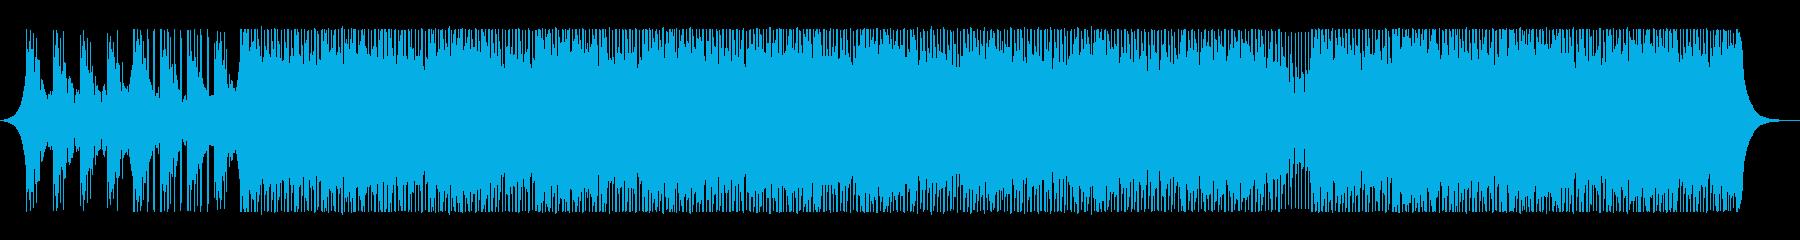 最新情報を入手の再生済みの波形